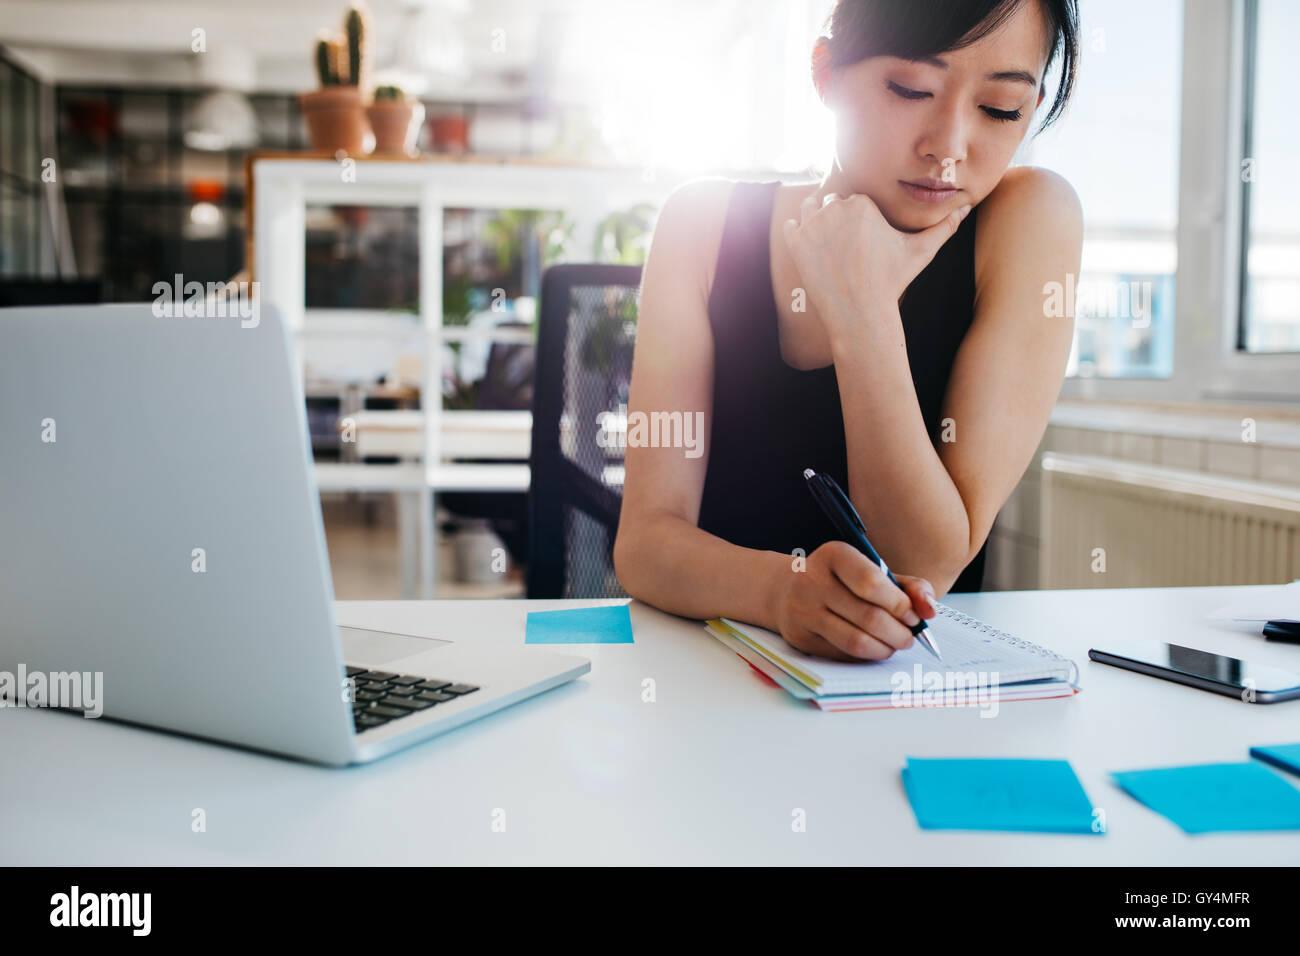 Schuss von asiatischen Geschäftsfrau Schreiben von Notizen auf Notepad. Weibliche Führungskraft sitzt Stockbild